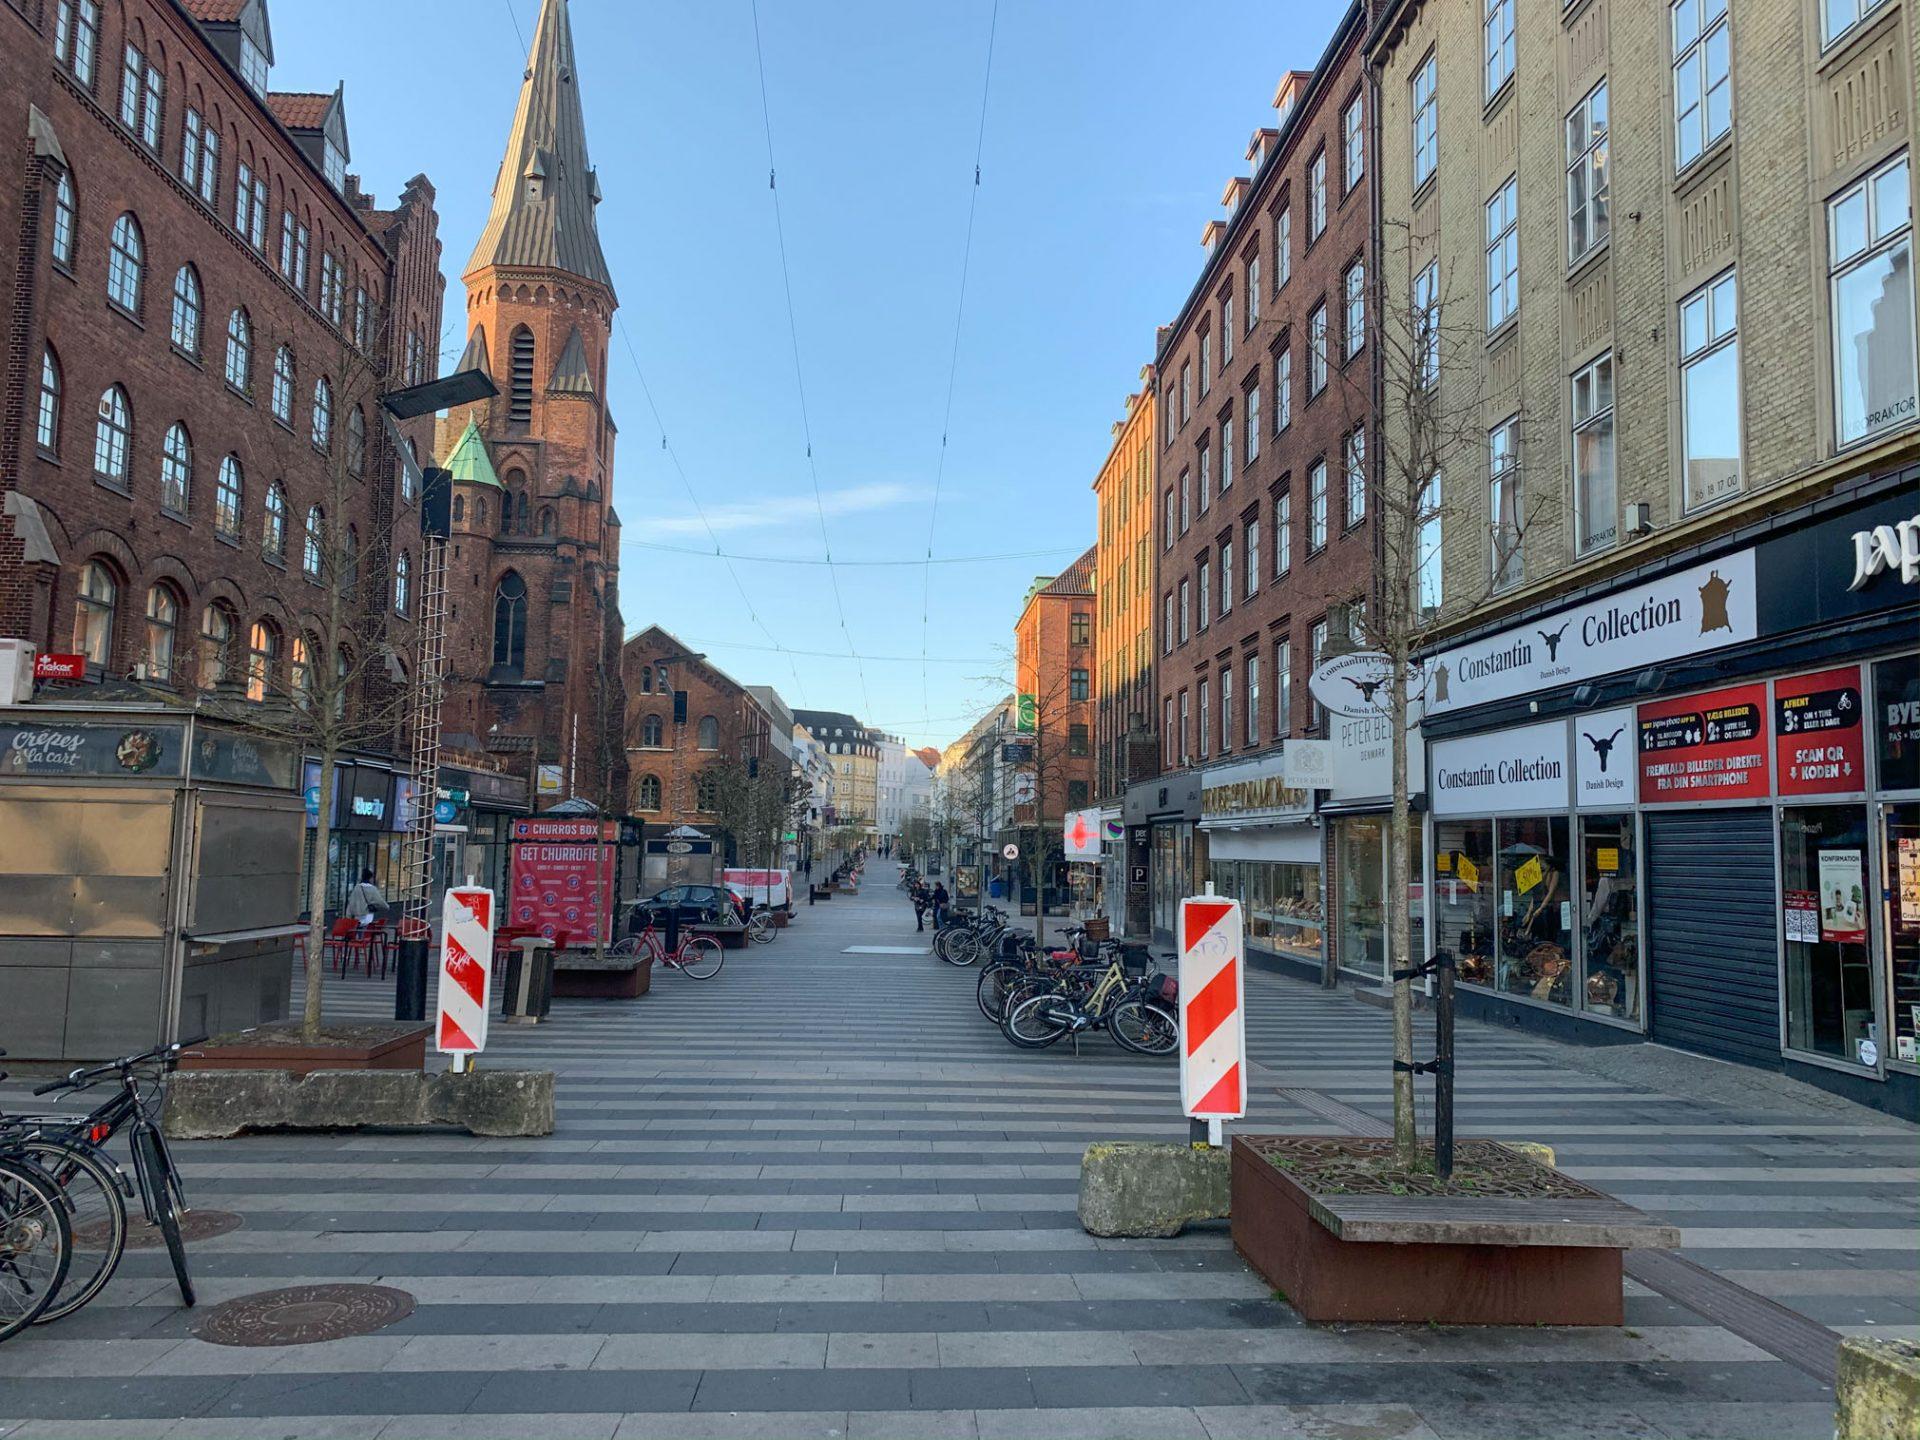 Shopping i Aarhus: Midnatsåbent og Verdensbilleder aflyses